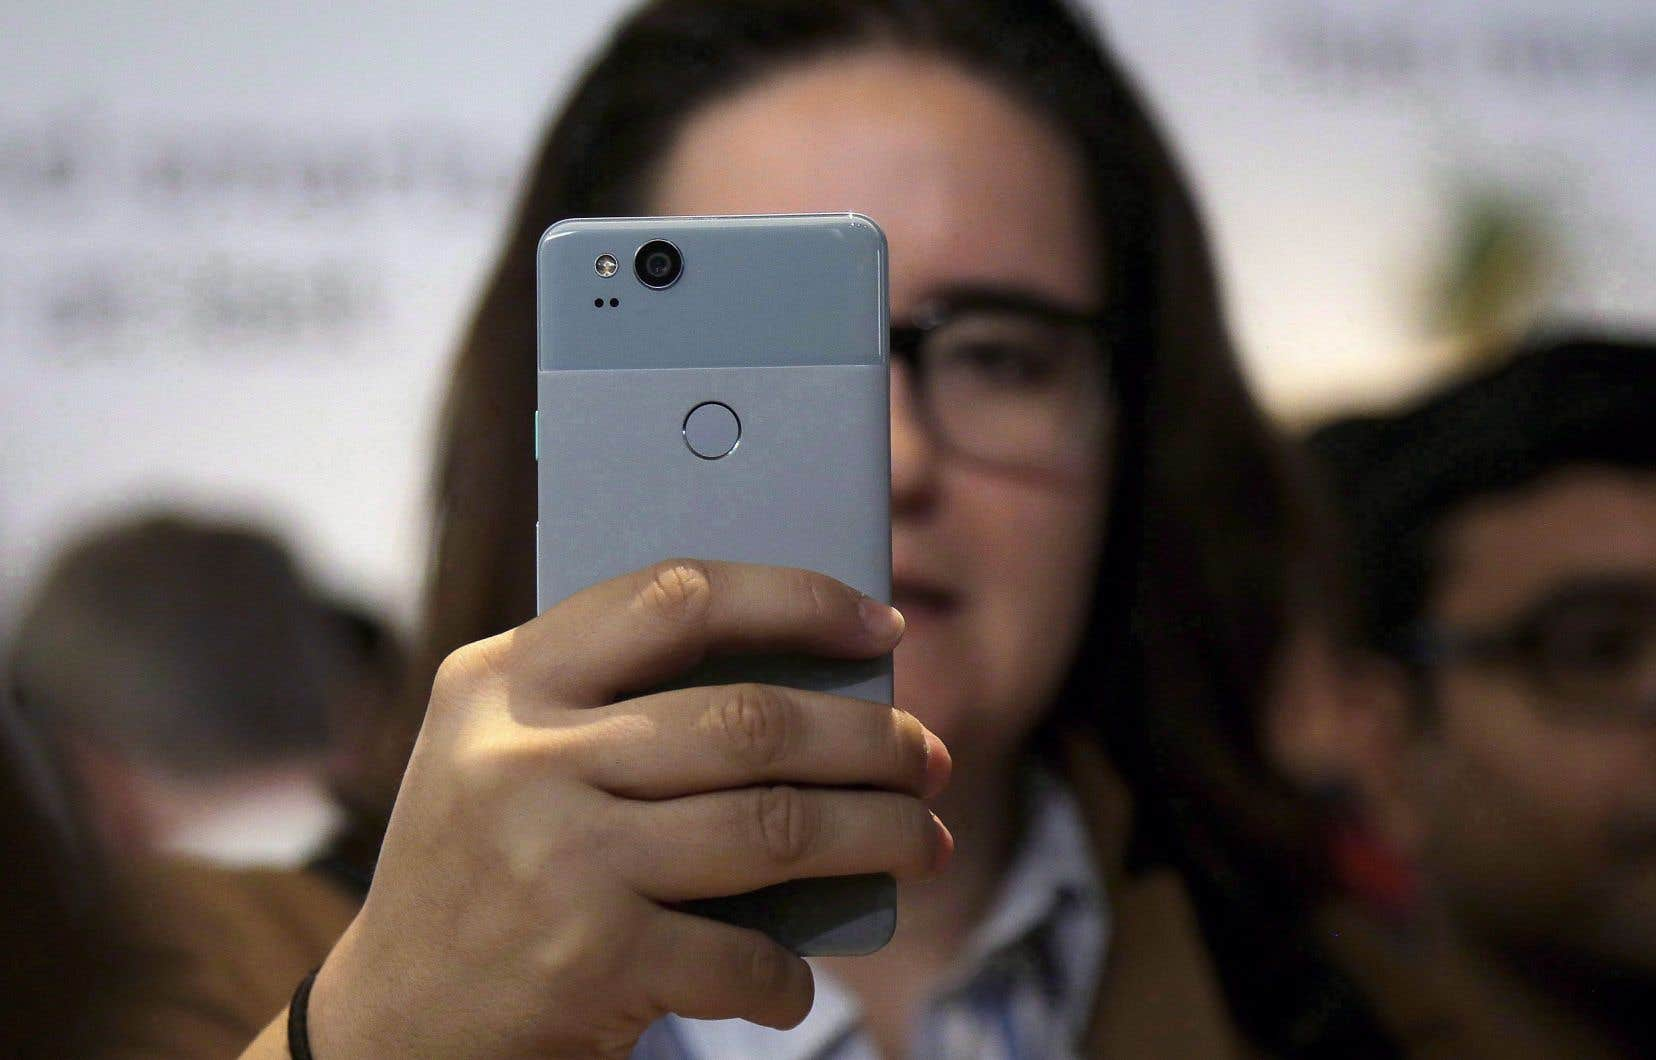 Au Canada, Bell, Rogers et Telus ne se sont pas encore prononcés sur le moment où ils prévoient offrir la technologie 5G à leurs clients.